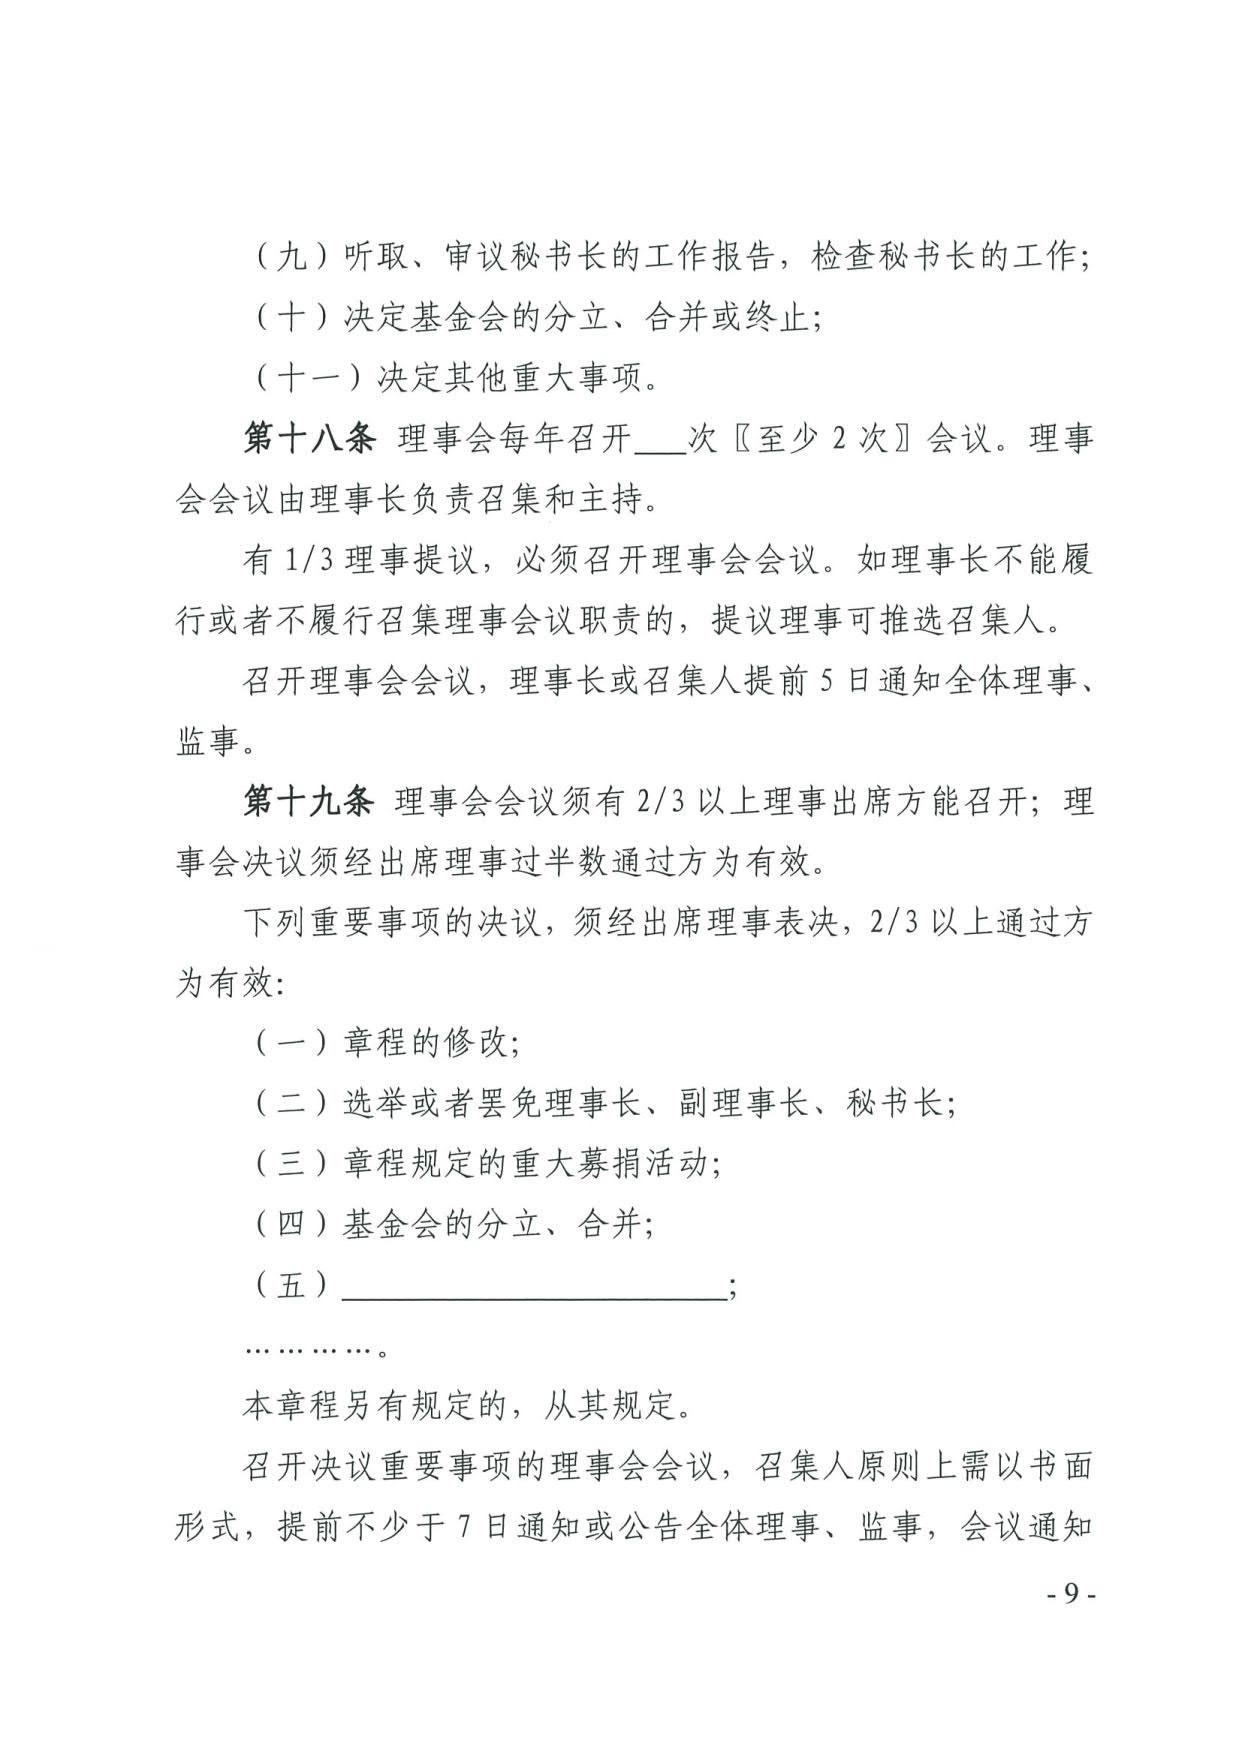 广东省民政厅关于印发《广东省基金会章程示范文本》的通知(4)_09.jpg